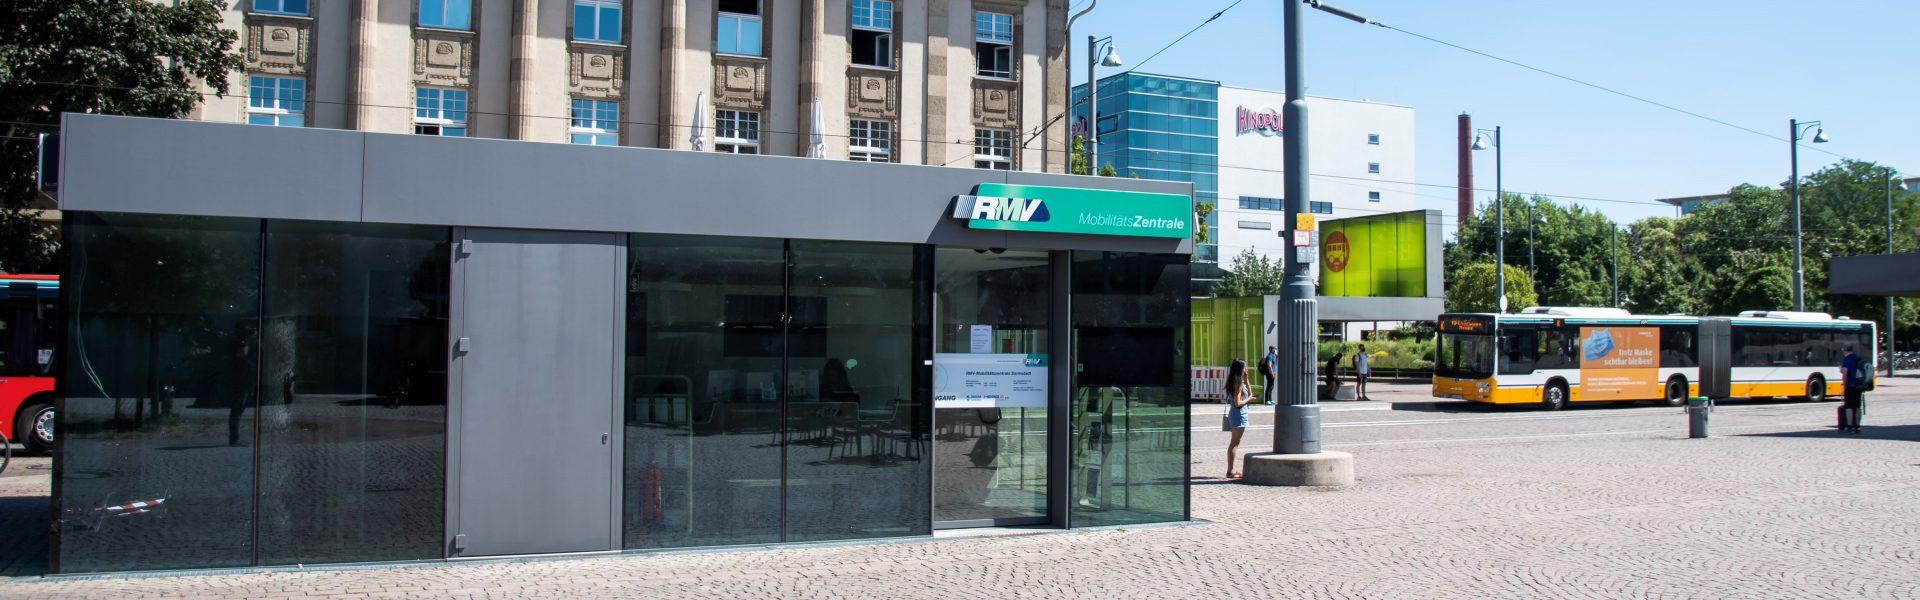 Header Bild 15 Jahre Darmstädter RMV-Mobilitätszentrale